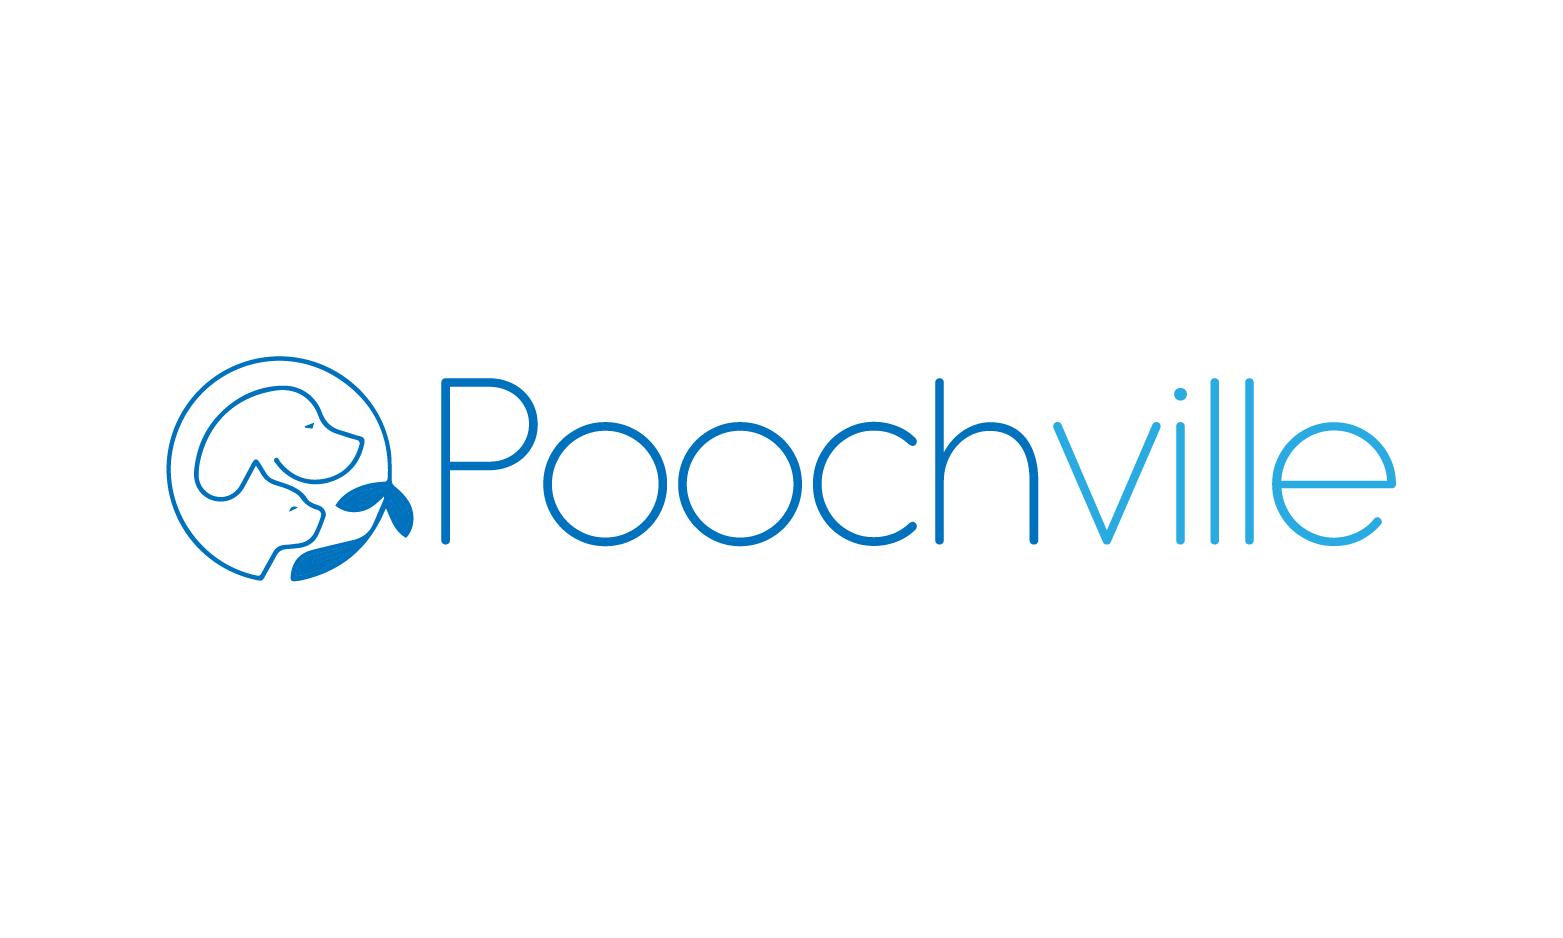 Poochville.com